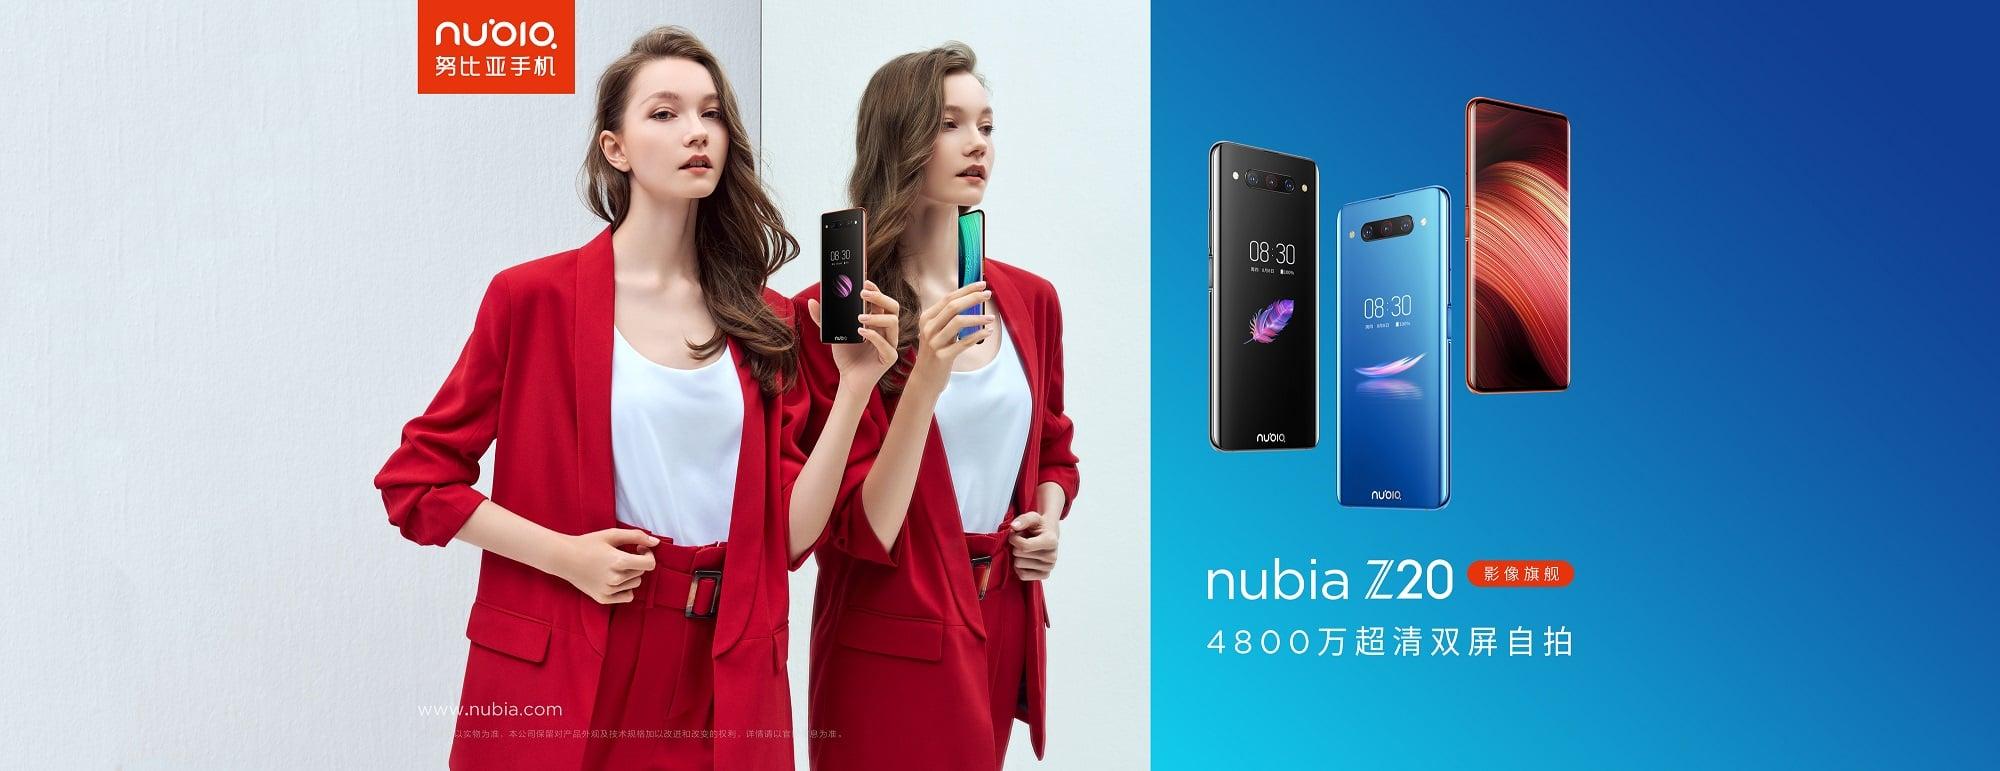 smartfon Nubia Z20